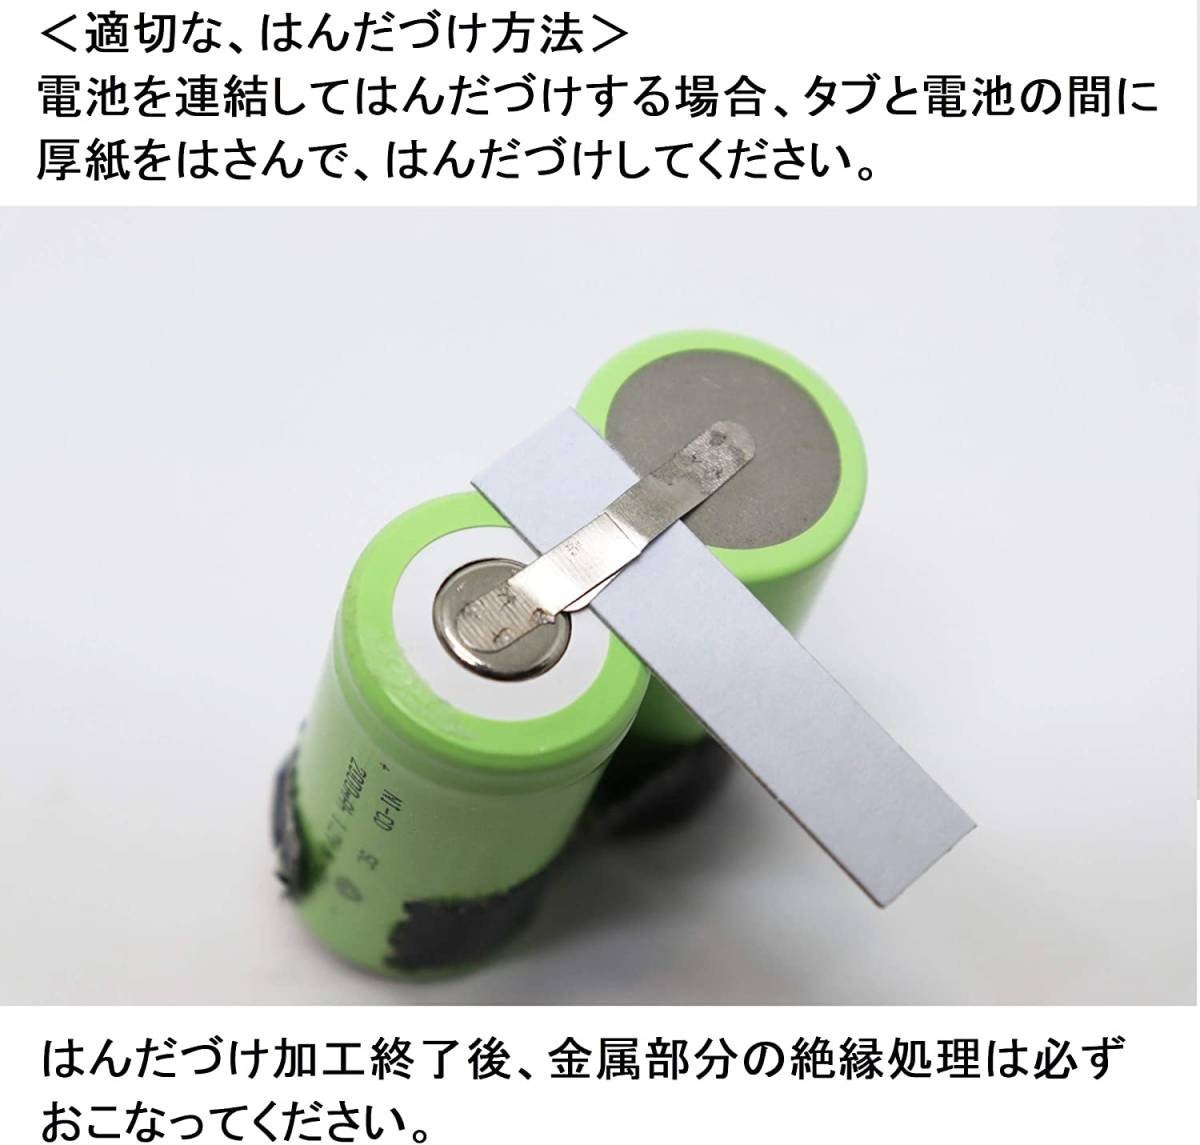 ★22.5x34mm NI-MH 4/5 SC ニッケル水素 セル タブ付 エアガン 電動ガン ドライバー ドリル 工具 掃除機 インパクト 充電池 バッテリー03_画像4